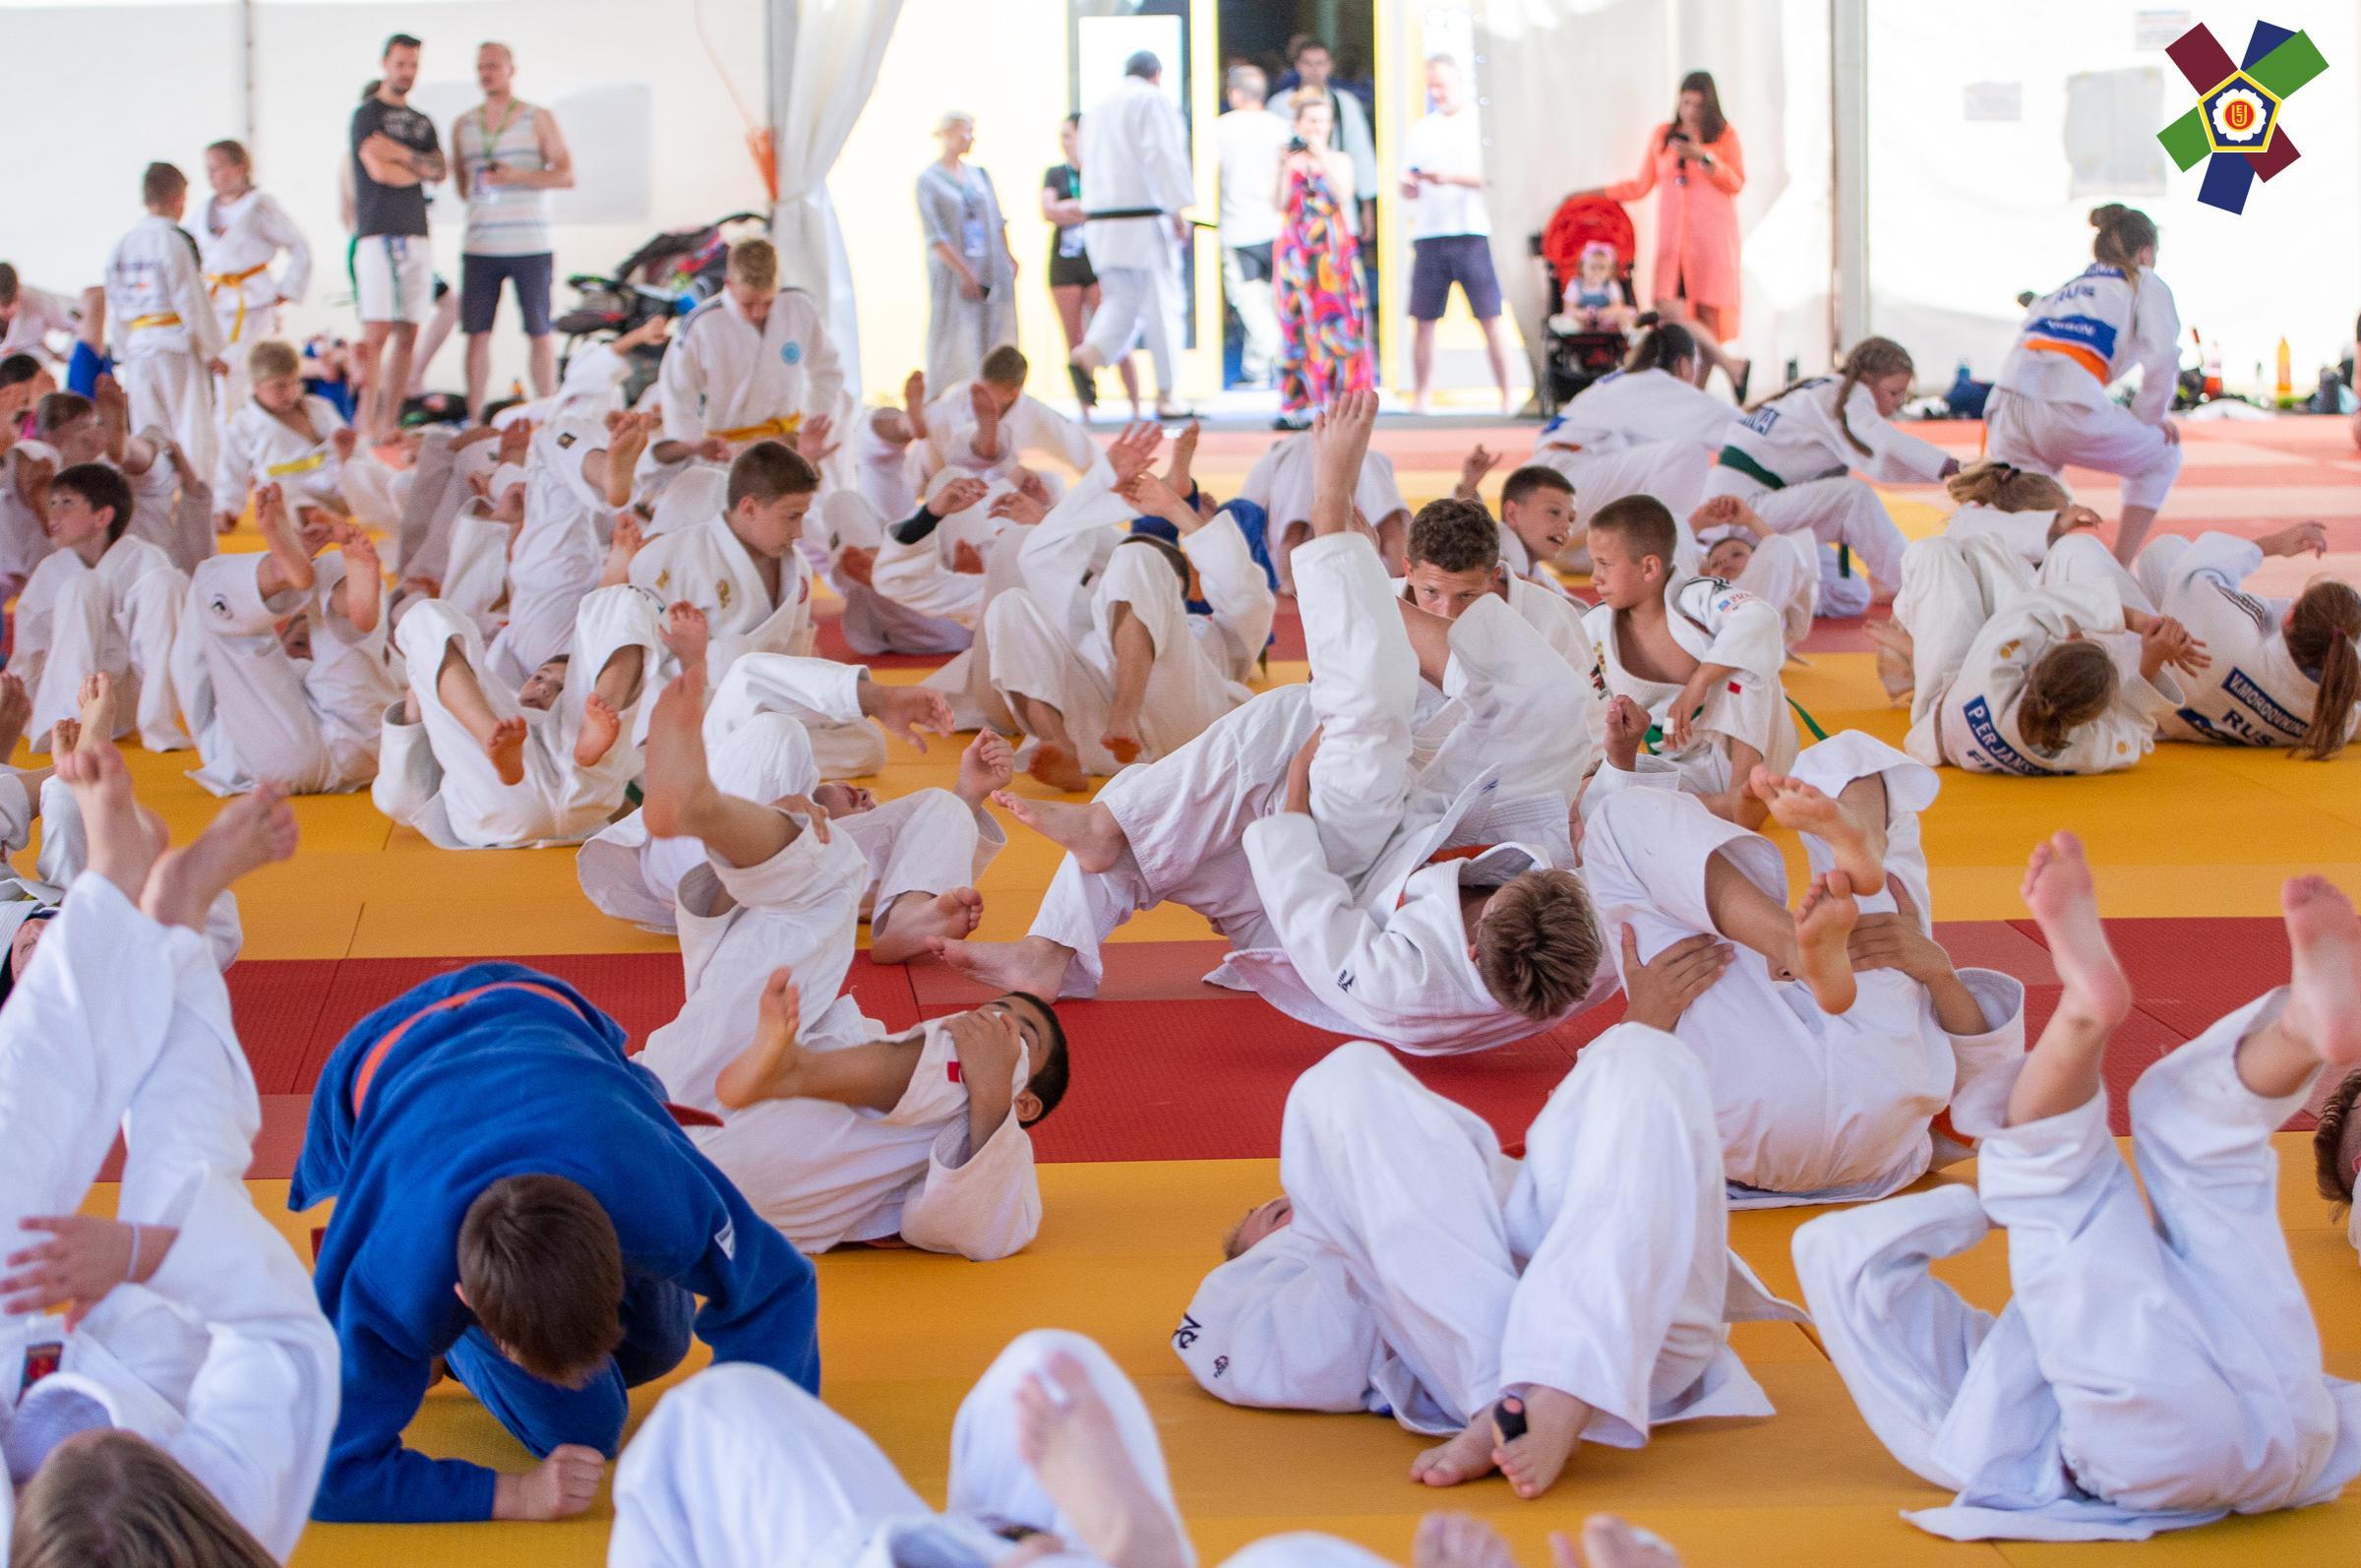 EJU-6th--Judo-Festival-Porec-2019-06-10-Sören-Starke-366311